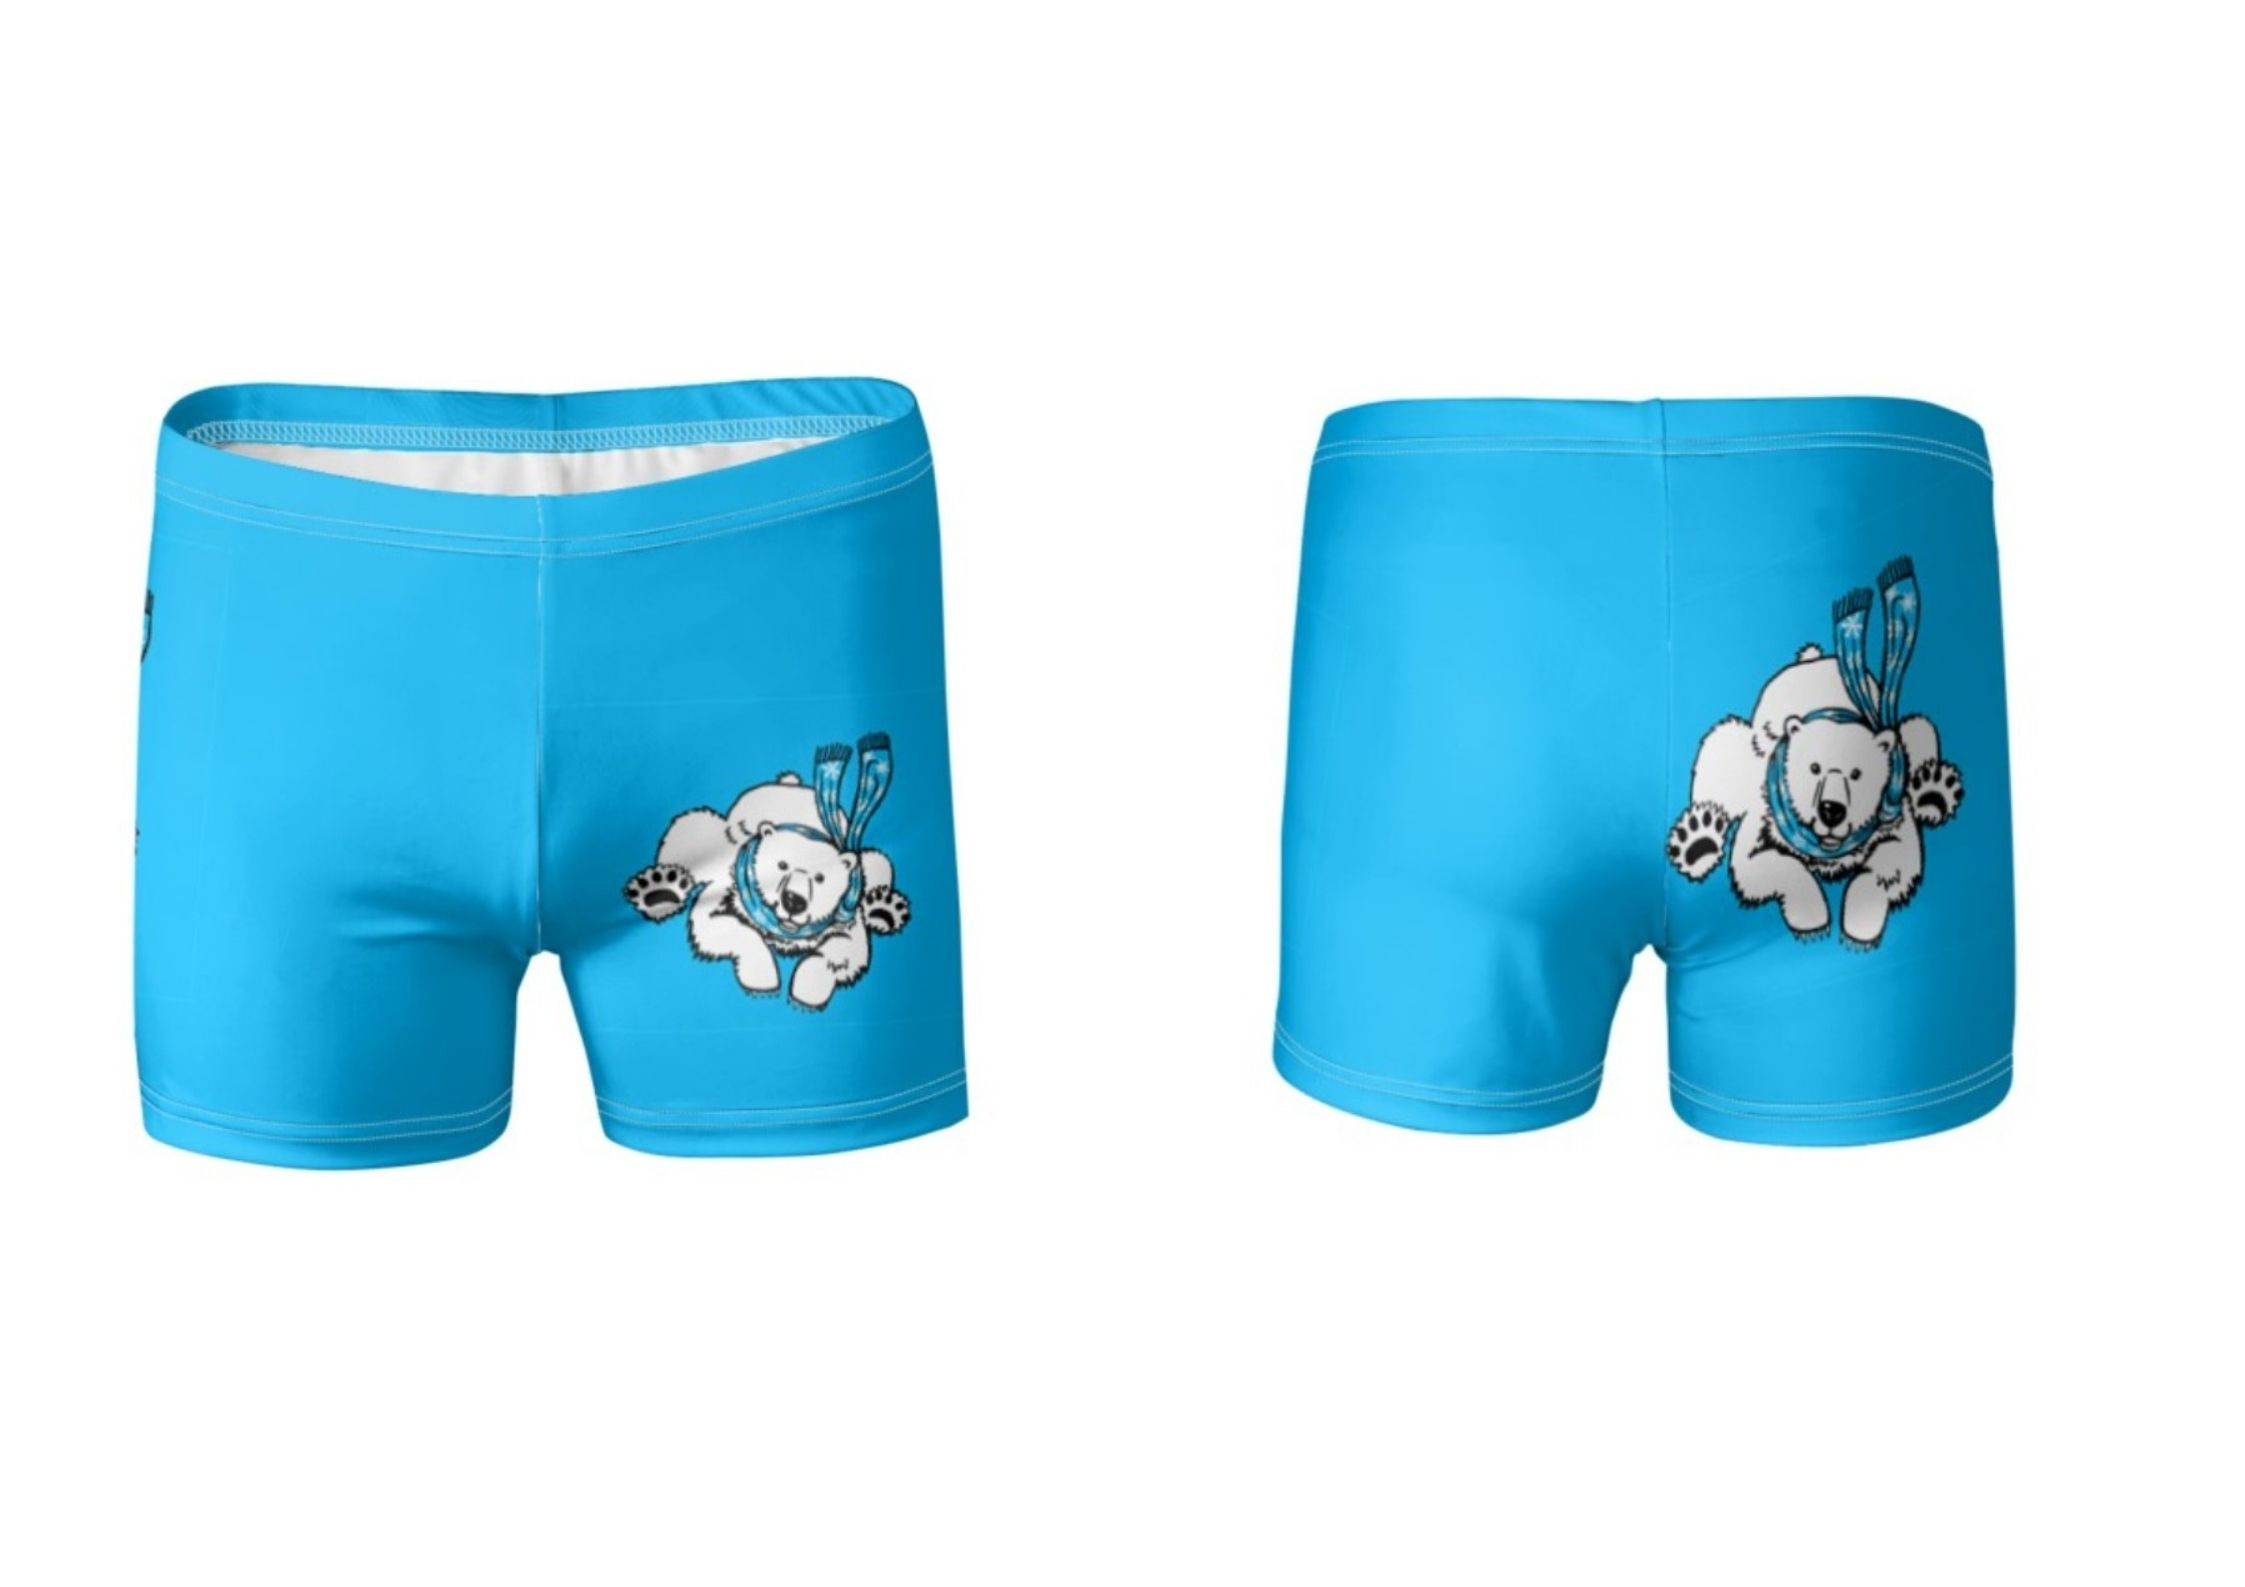 Polar Bear swim trunks